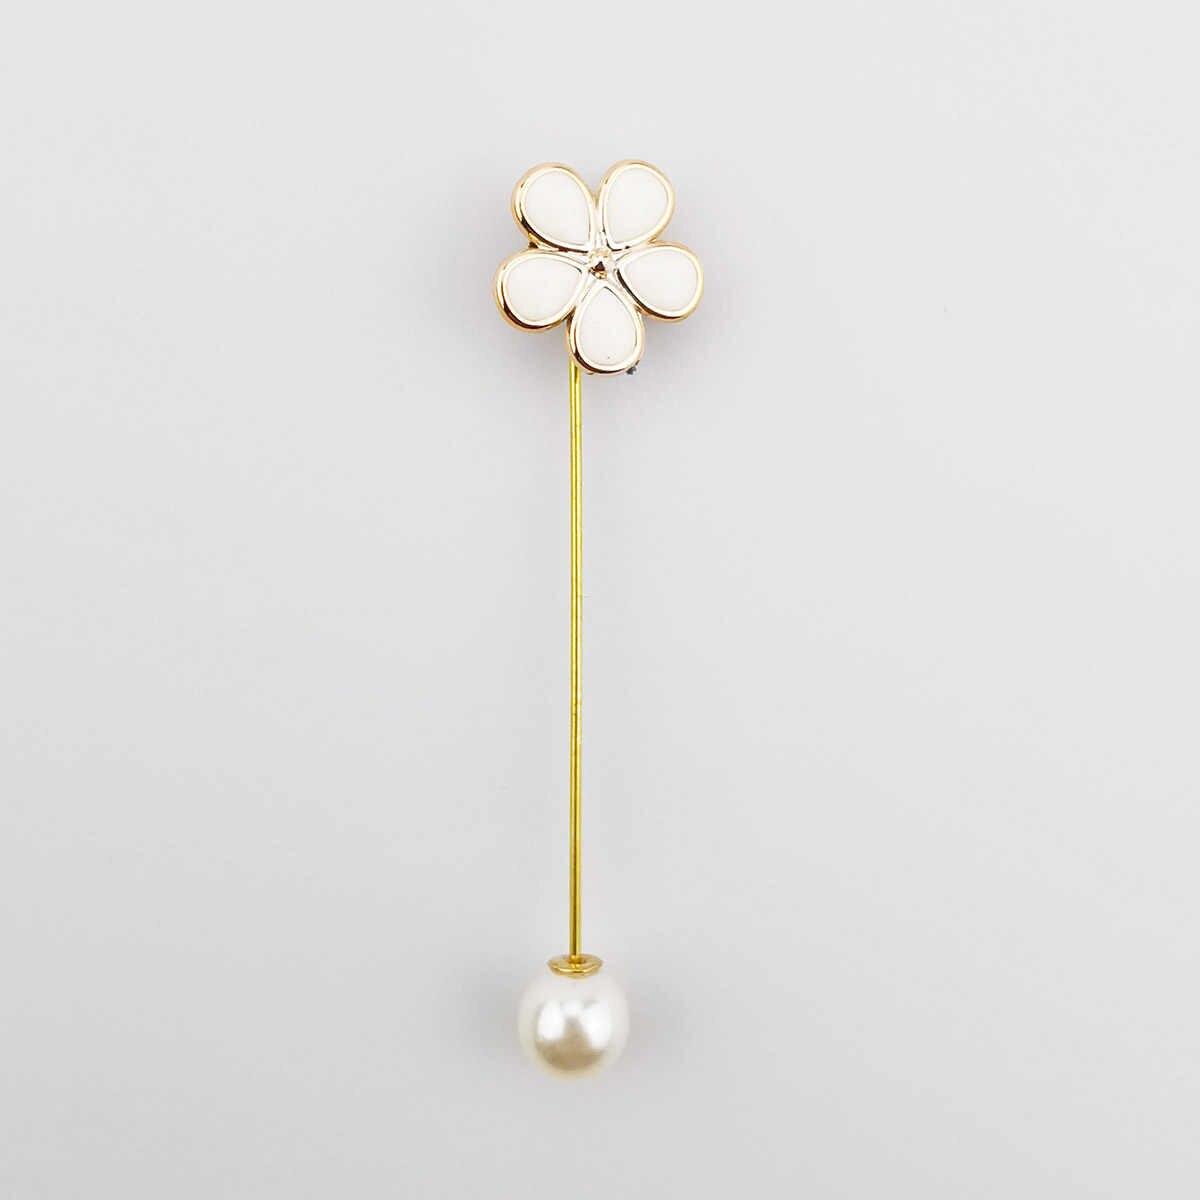 Cổ Điển Giả Ngọc Hoa Thổ Cẩm Thực Vật Và Động Vật Pin Thổ Cẩm Dành Cho Nữ Áo Cưới Huy Hiệu Phụ Kiện Trang Sức